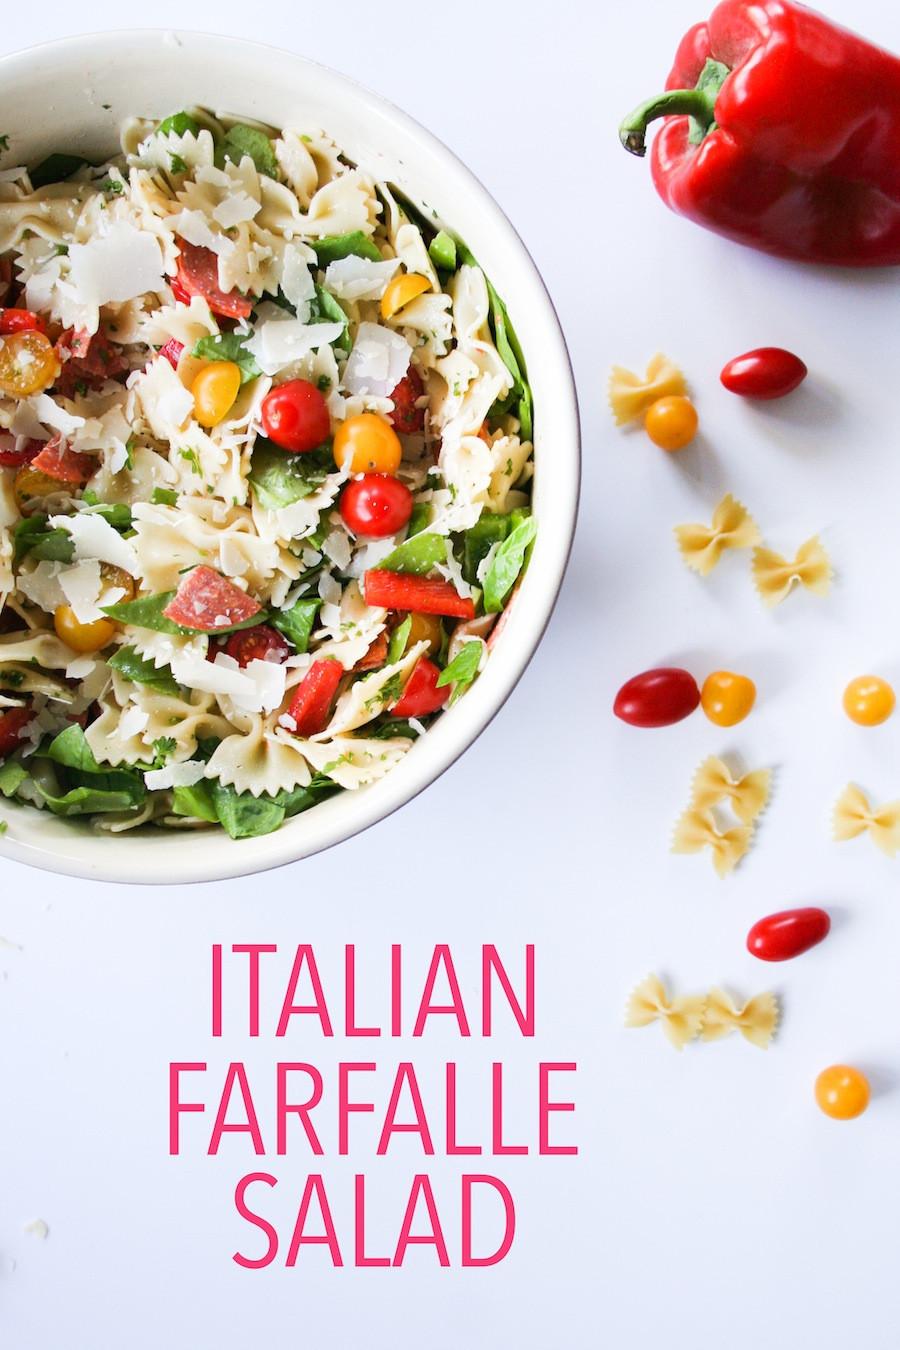 Farfalle Pasta Salad Recipes  Simple Summer Farfalle Pasta Salad